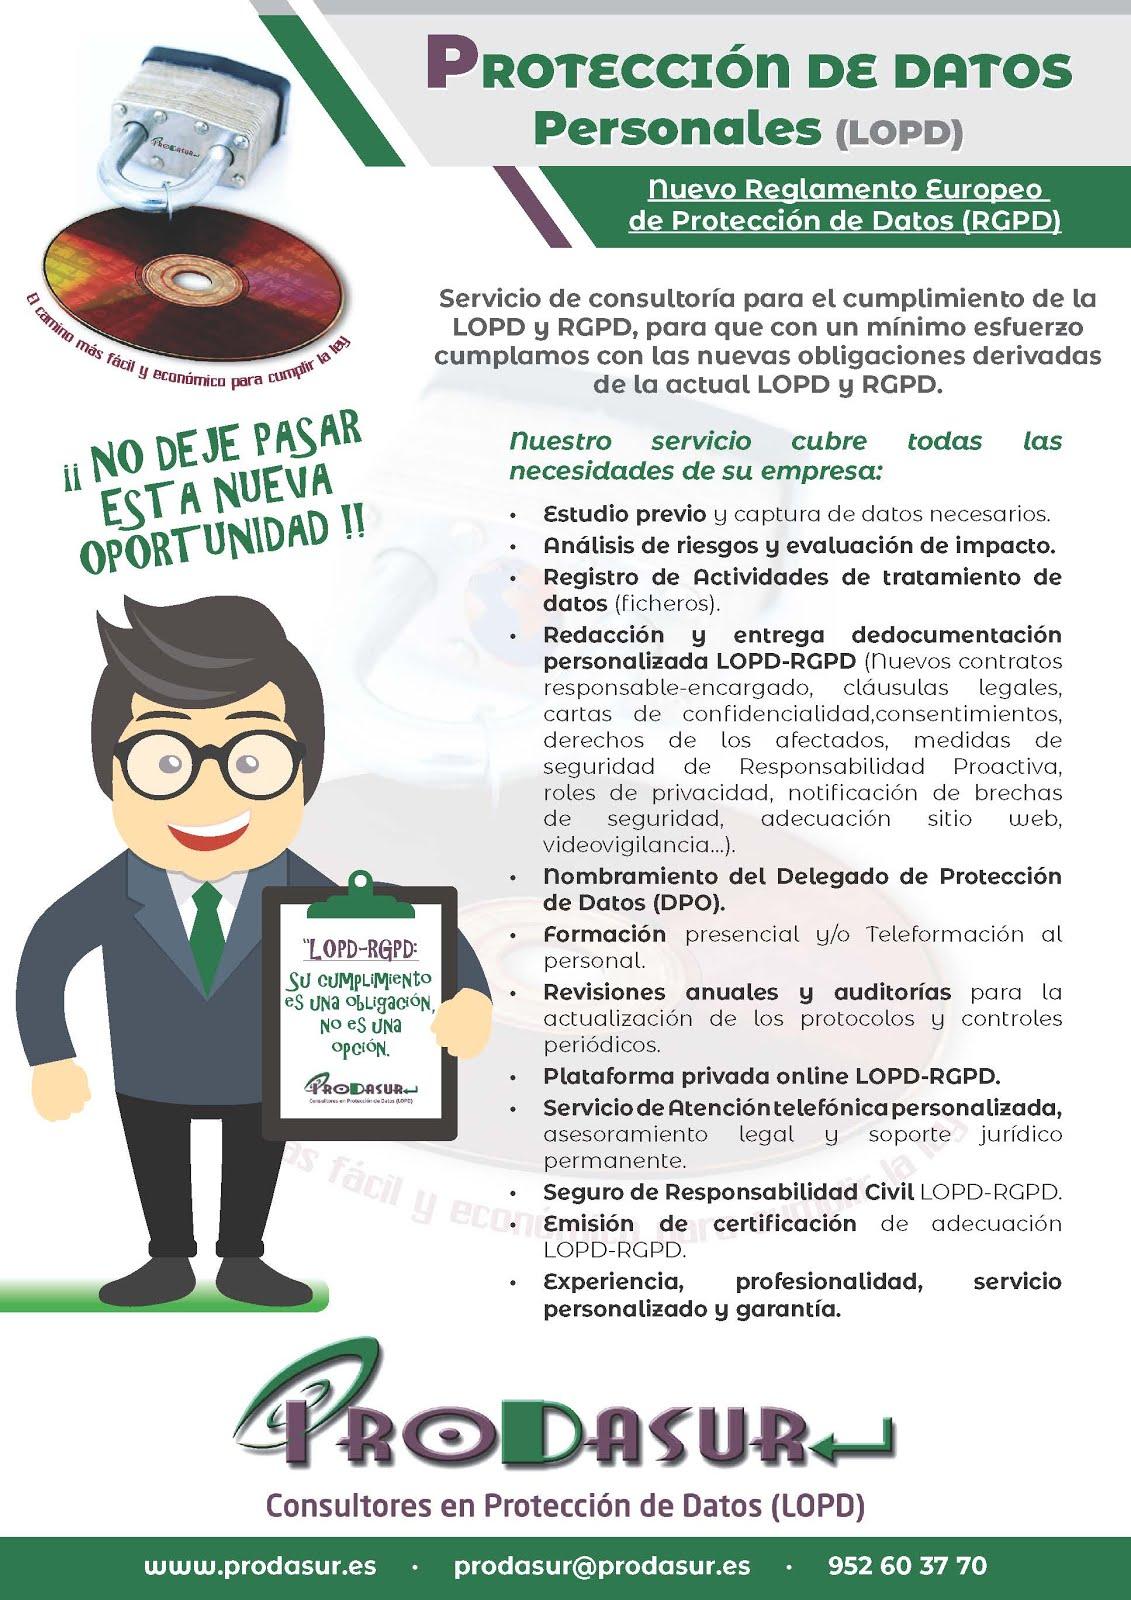 Ofertas especiales Adaptación RGPD-LOPD hasta 31/12/2018. Llámanos.